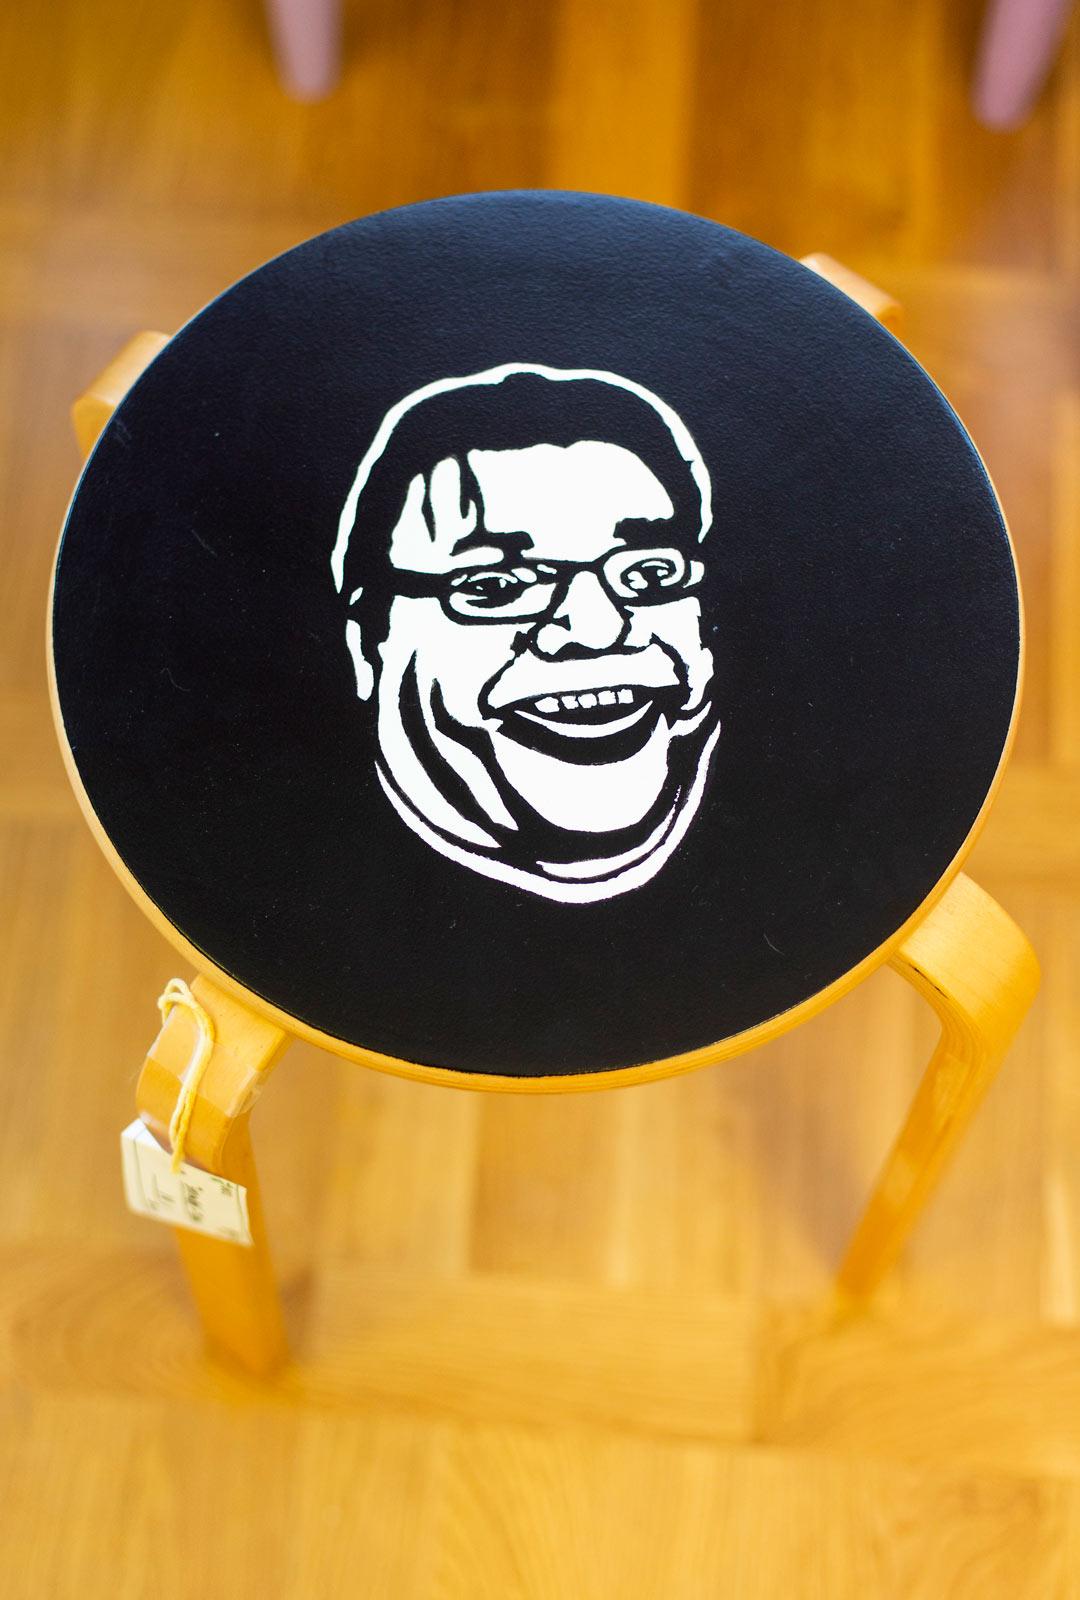 Poliitikkojen naamoin varustetut jakkarat ovat olleet suosittuja Vihdin kierrätyskeskuksessa.